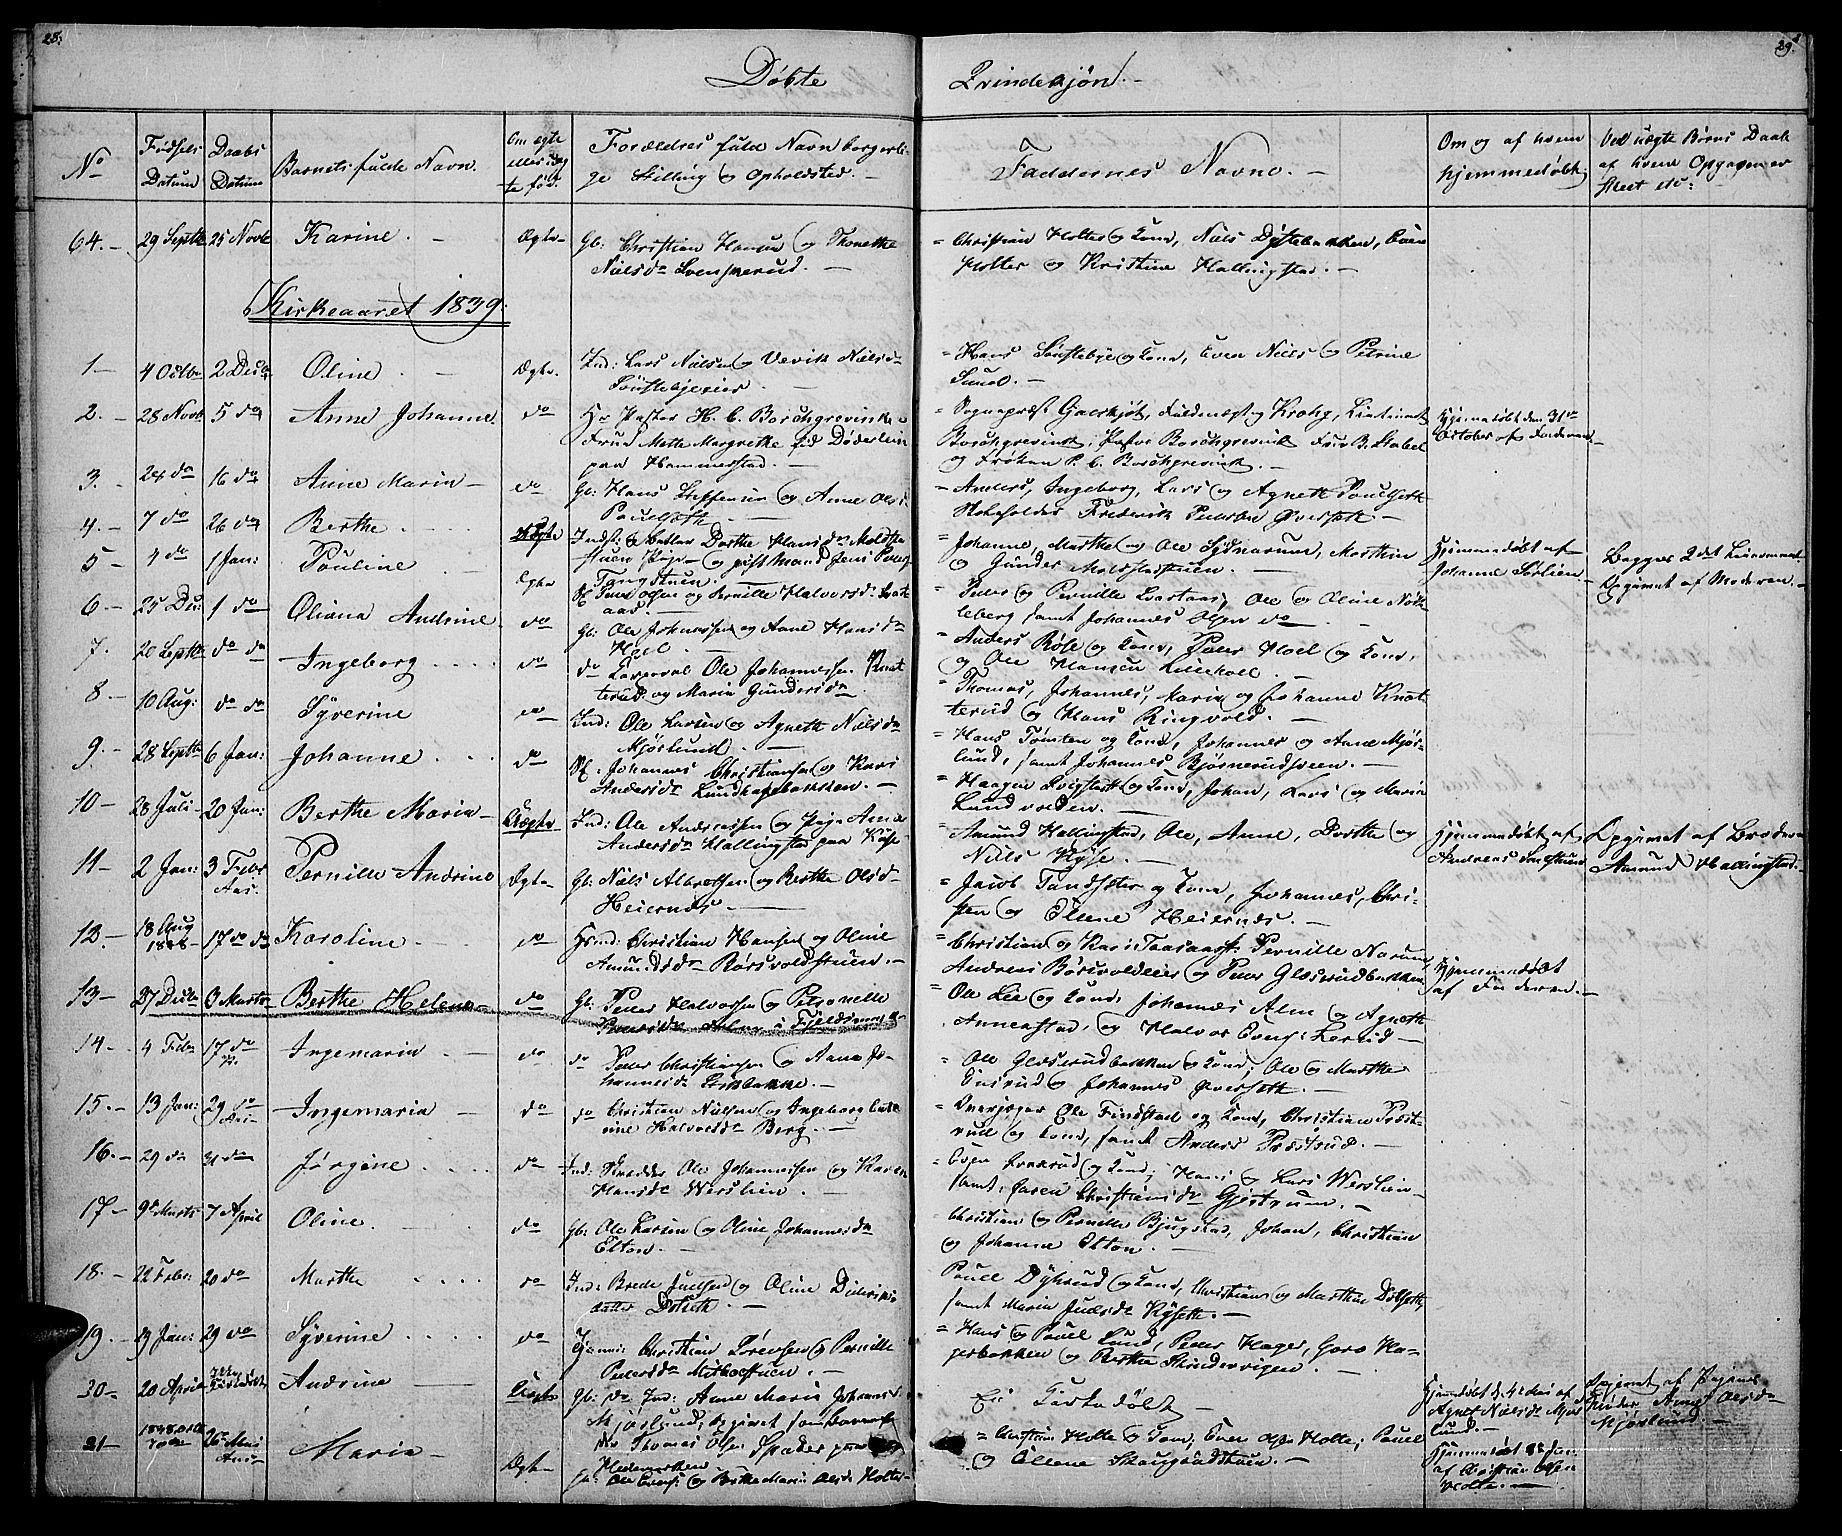 SAH, Vestre Toten prestekontor, H/Ha/Hab/L0002: Klokkerbok nr. 2, 1836-1848, s. 28-29